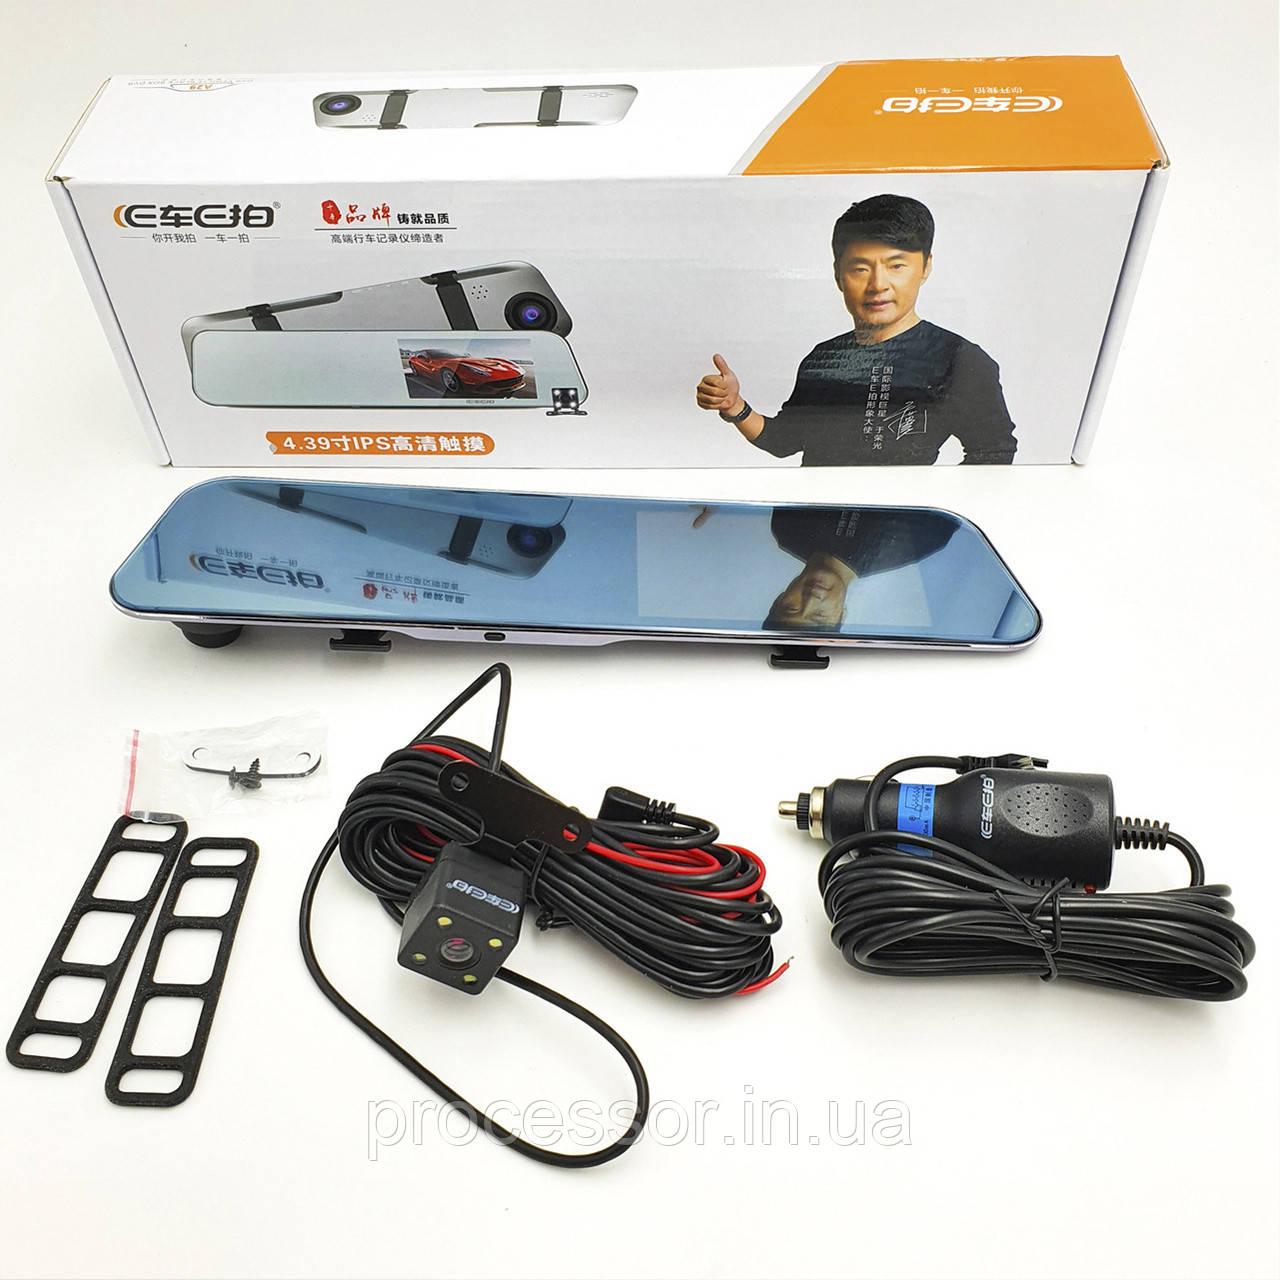 Ультратонкий Відеореєстратор-дзеркало заднього виду з камерою заднього виду S-9 Mirror CAR DVR 4,3' + Парктронік